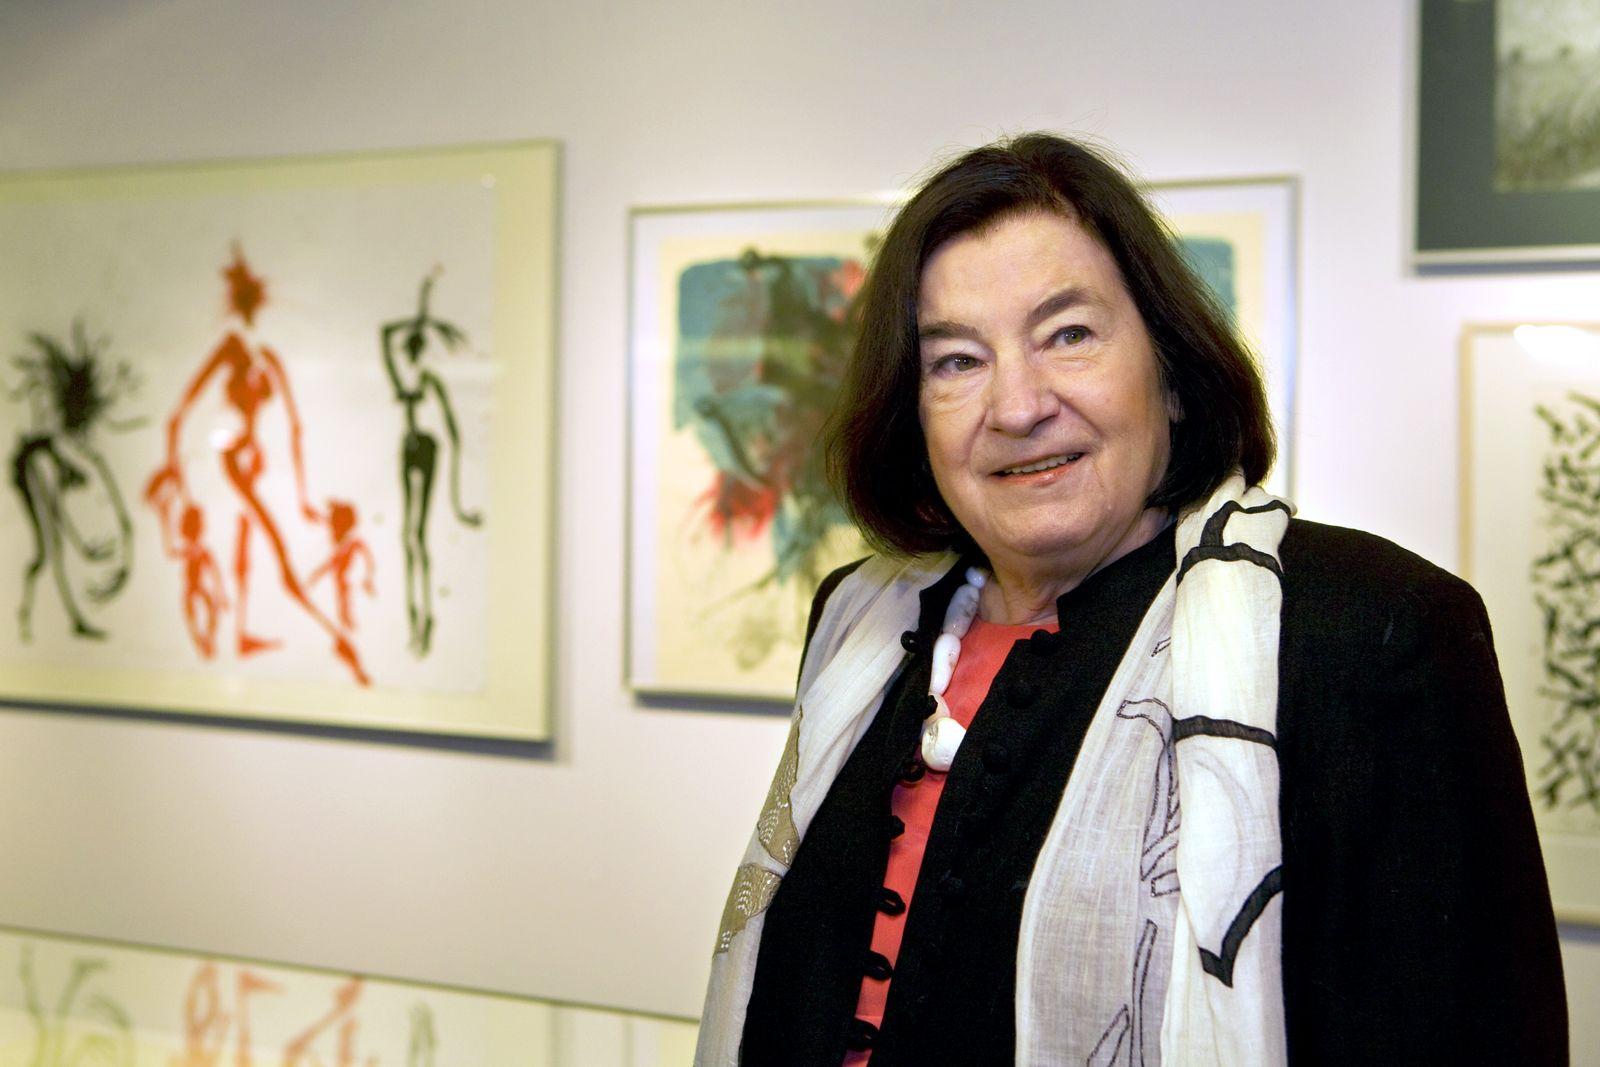 Feier zum 80. Geburtstag von Christa Wolf